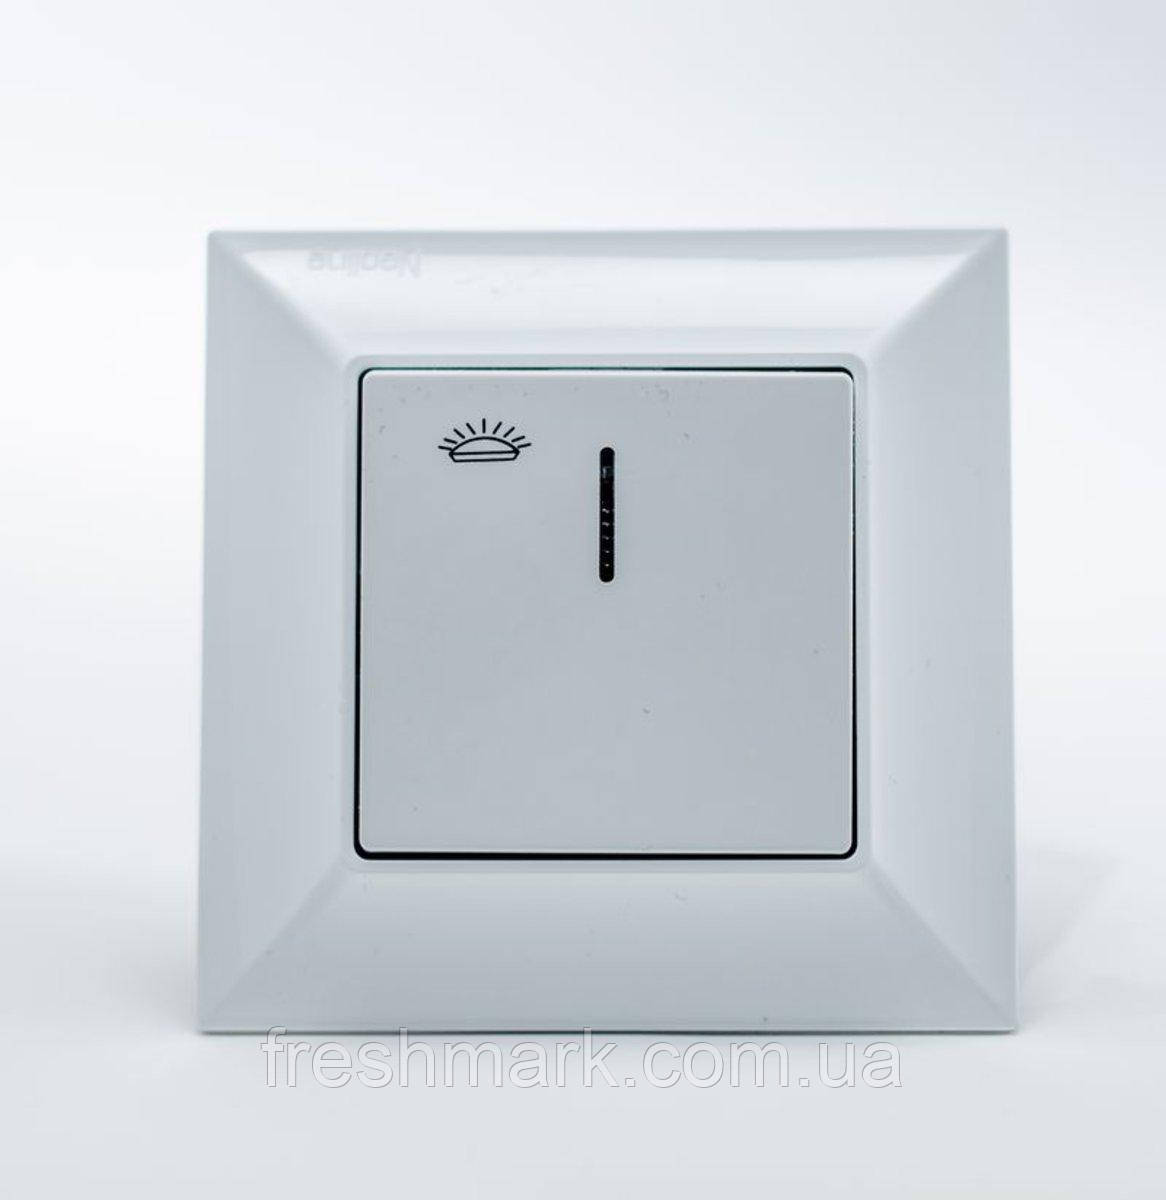 Кнопка контроля освещения  GUNSAN Neoline с подсветкой Белая